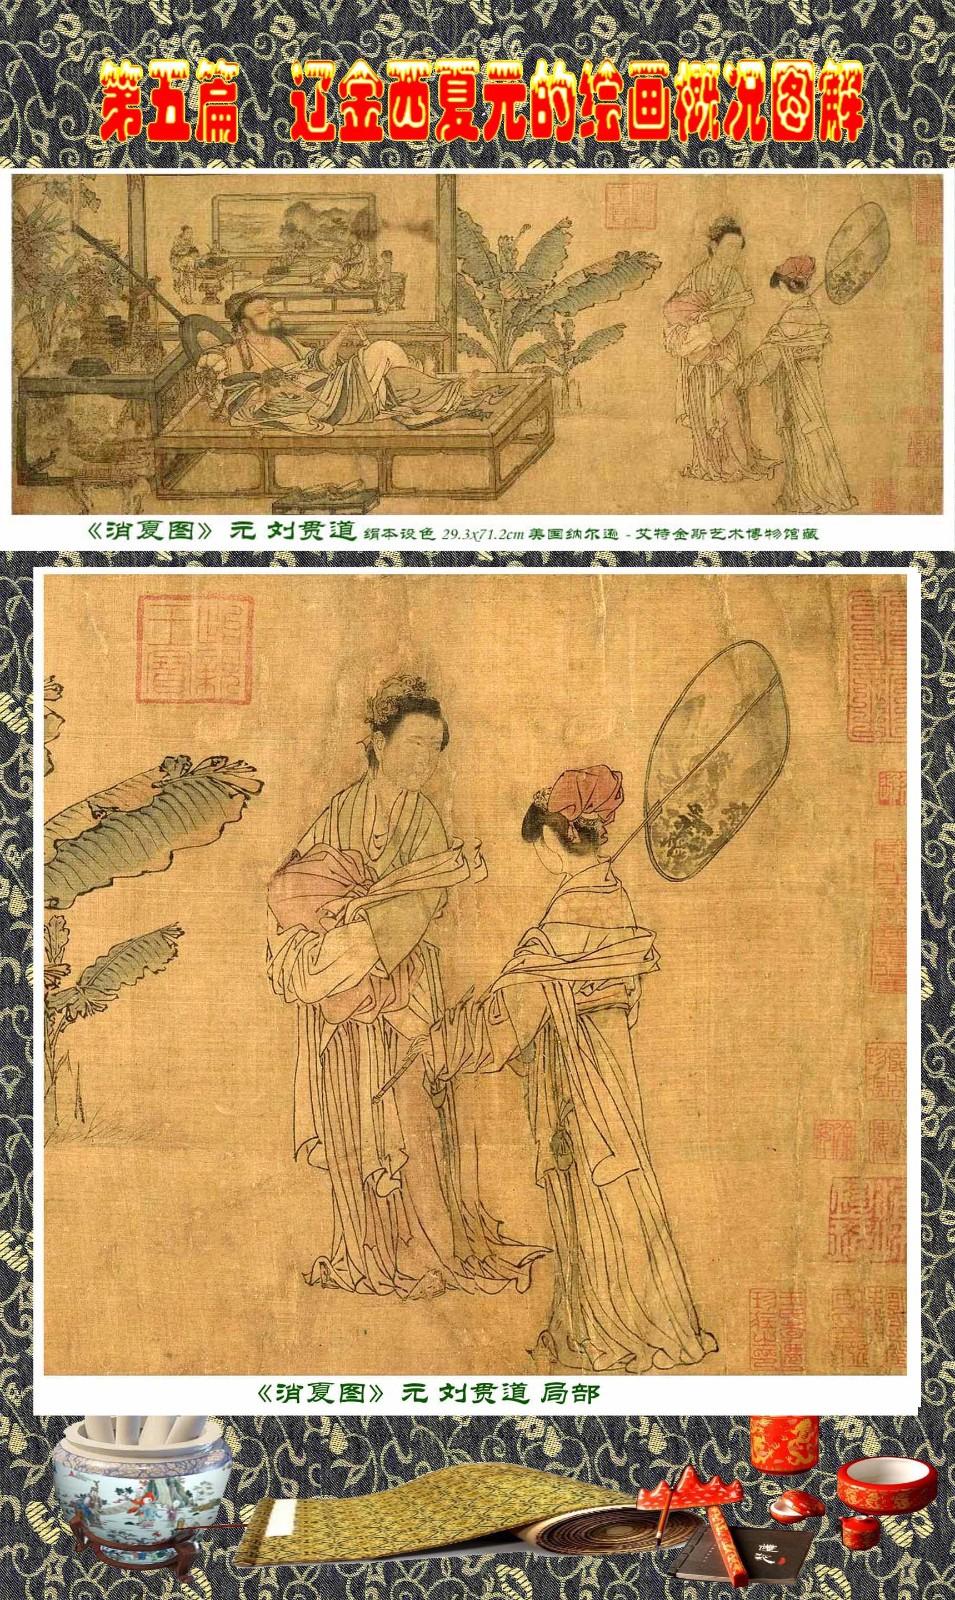 顾绍骅编辑 中国画知识普及版 第五篇 辽金西夏元的绘画概况 下 ... ..._图1-16